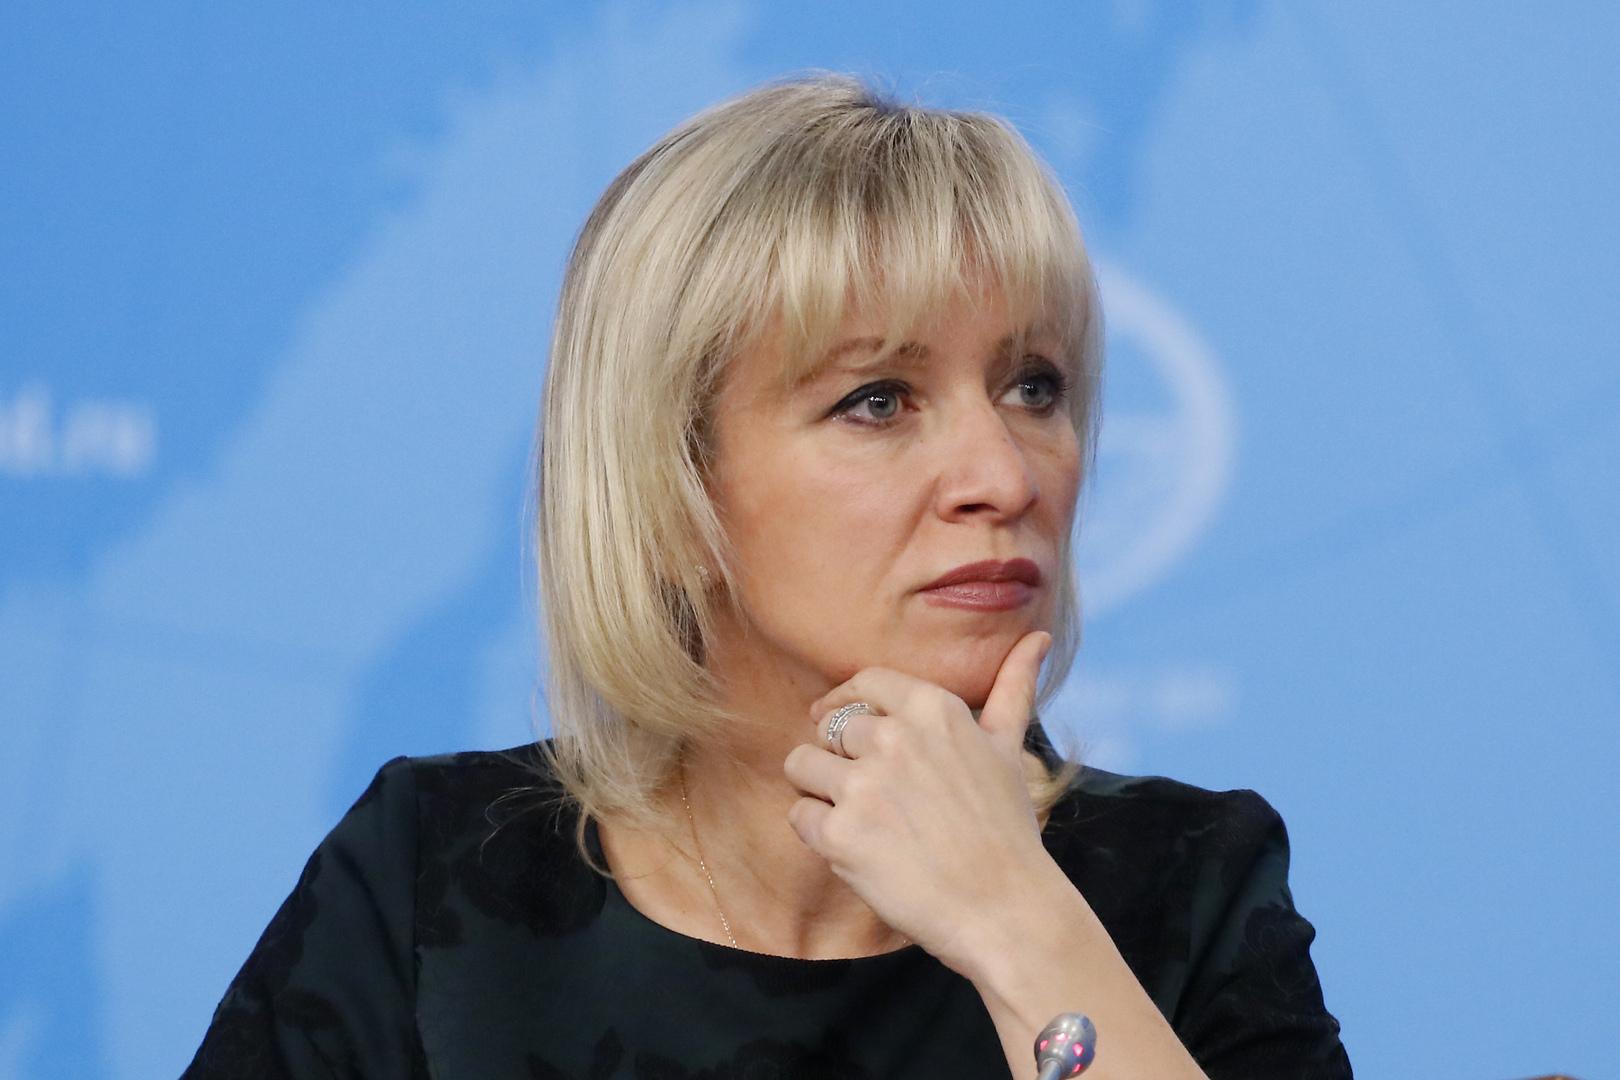 موسكو: العقوبات الأمريكية الأخيرة ضد أفراد وكيانات في روسيا مفتعلة ولا تستند إلى حقائق